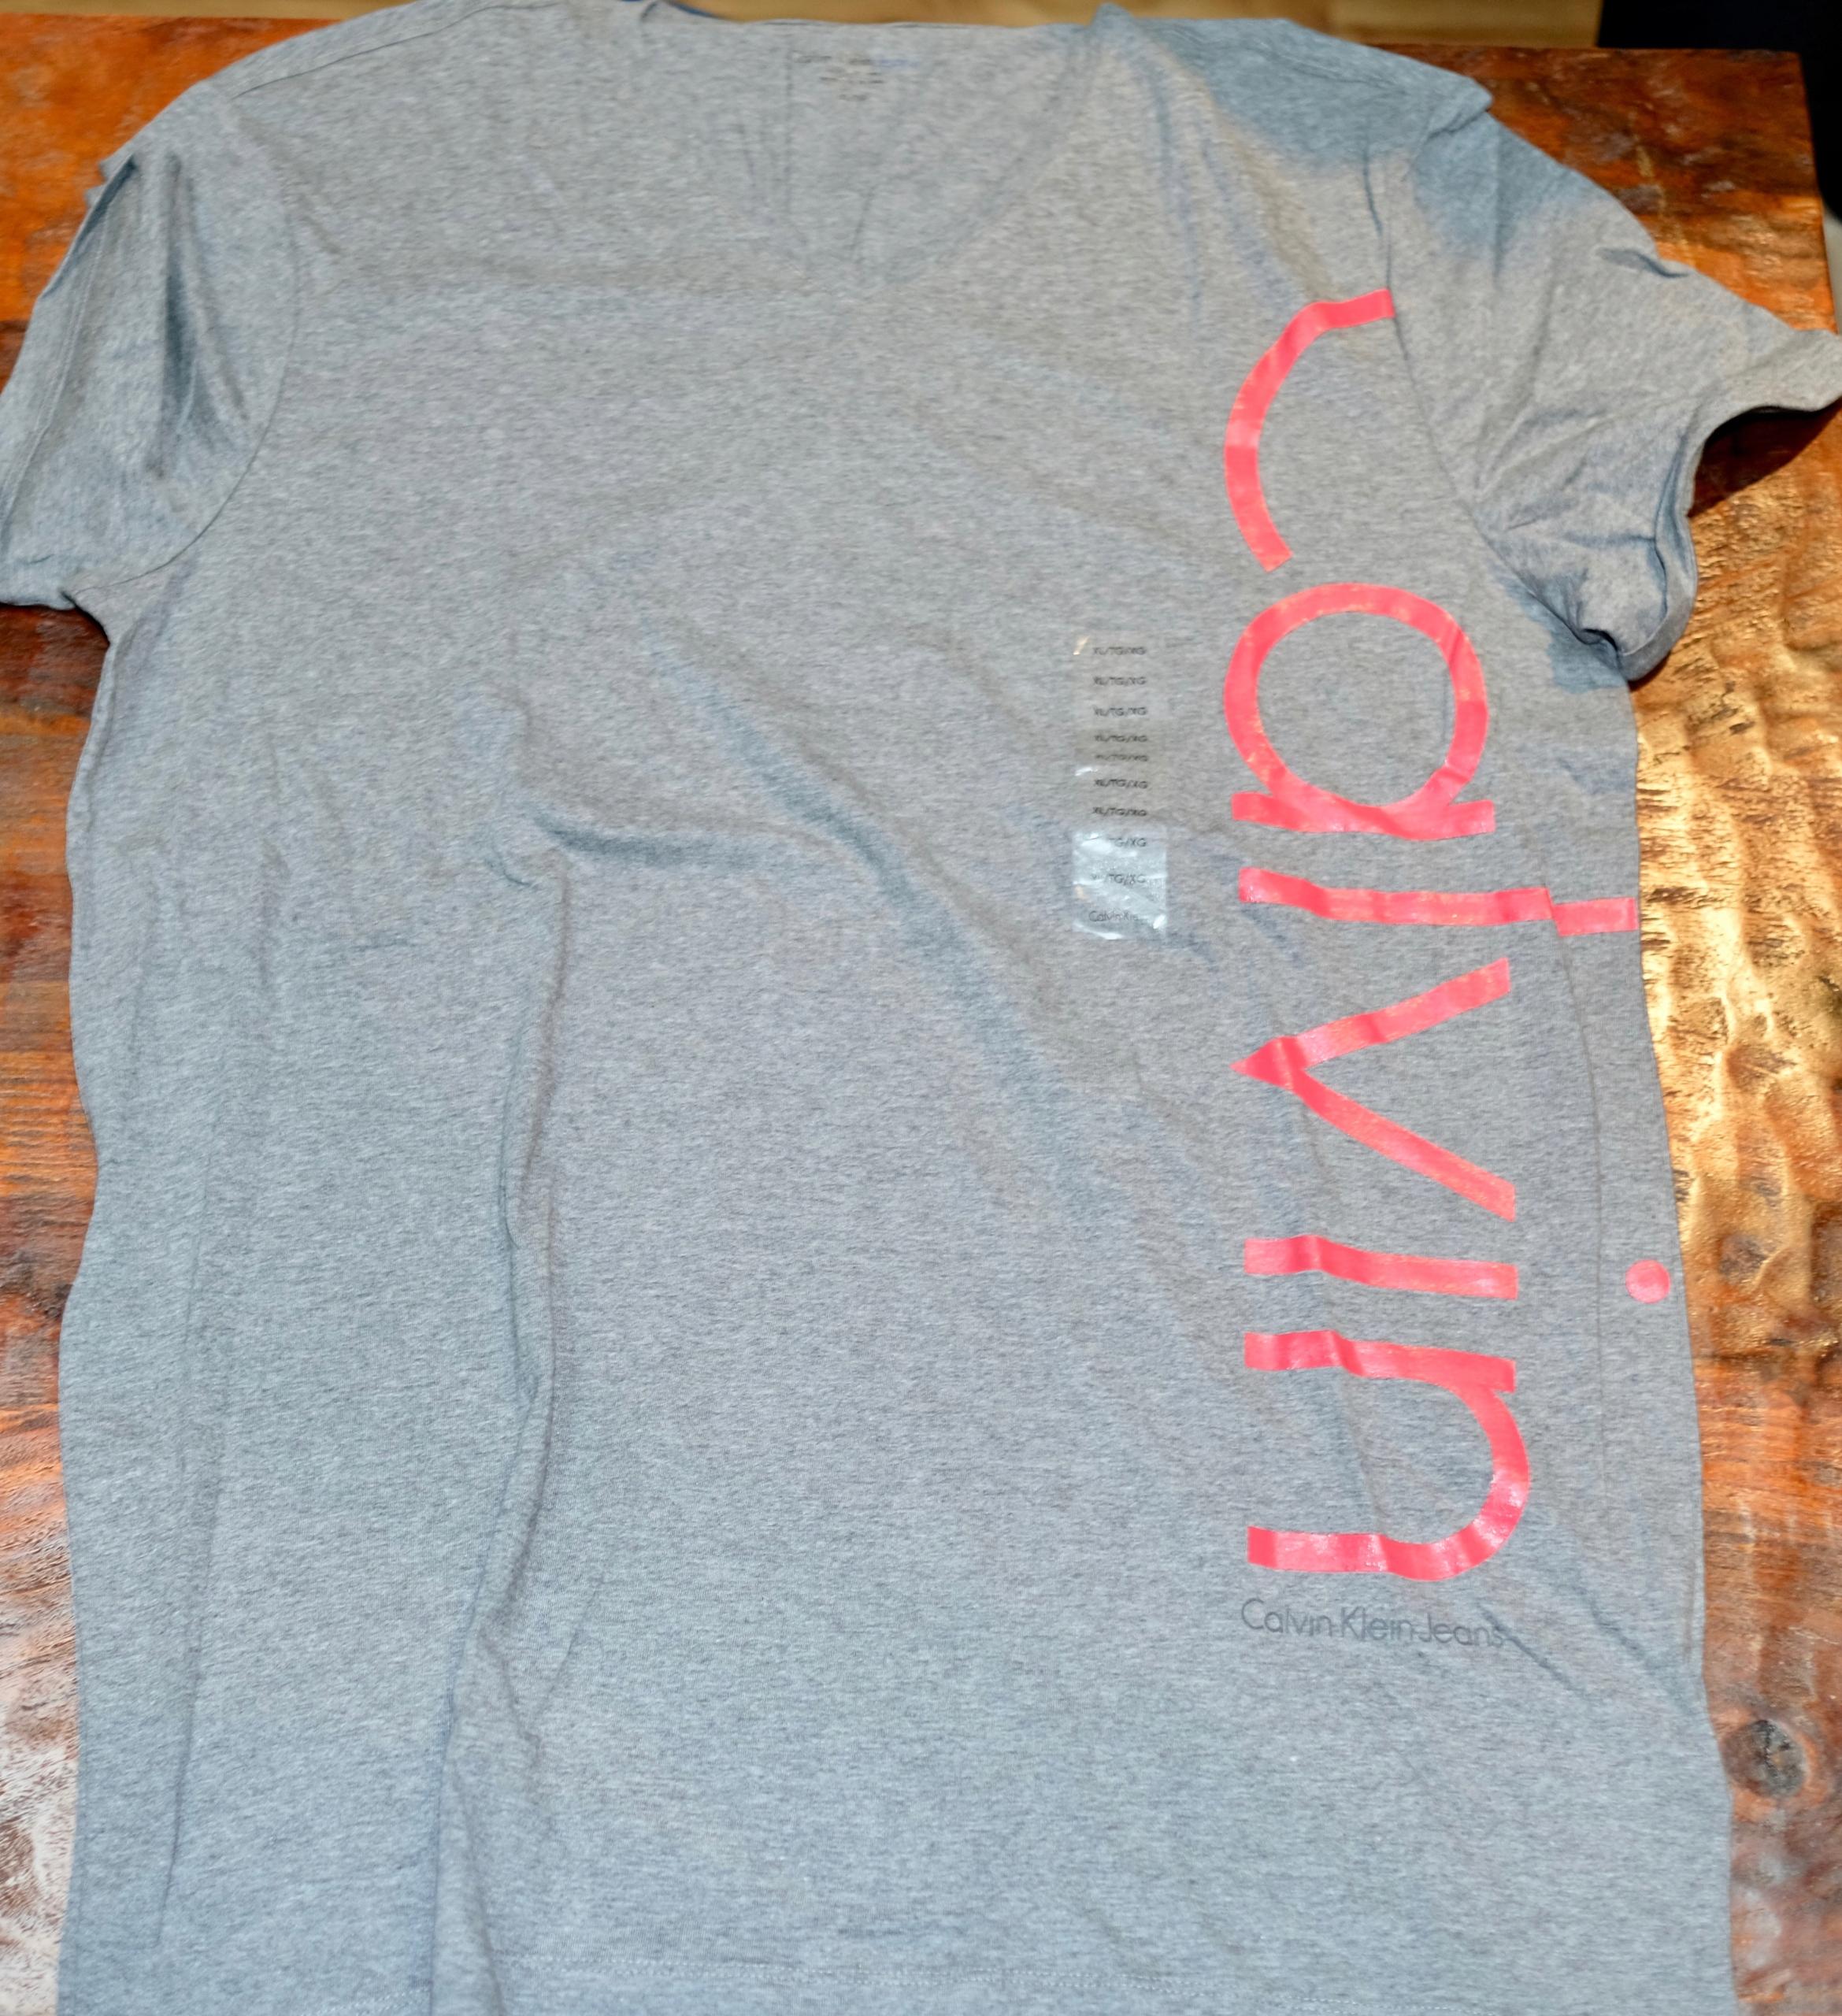 CALVIN KLEIN T-Shirt rozmiar XL szary zUSA100%Org